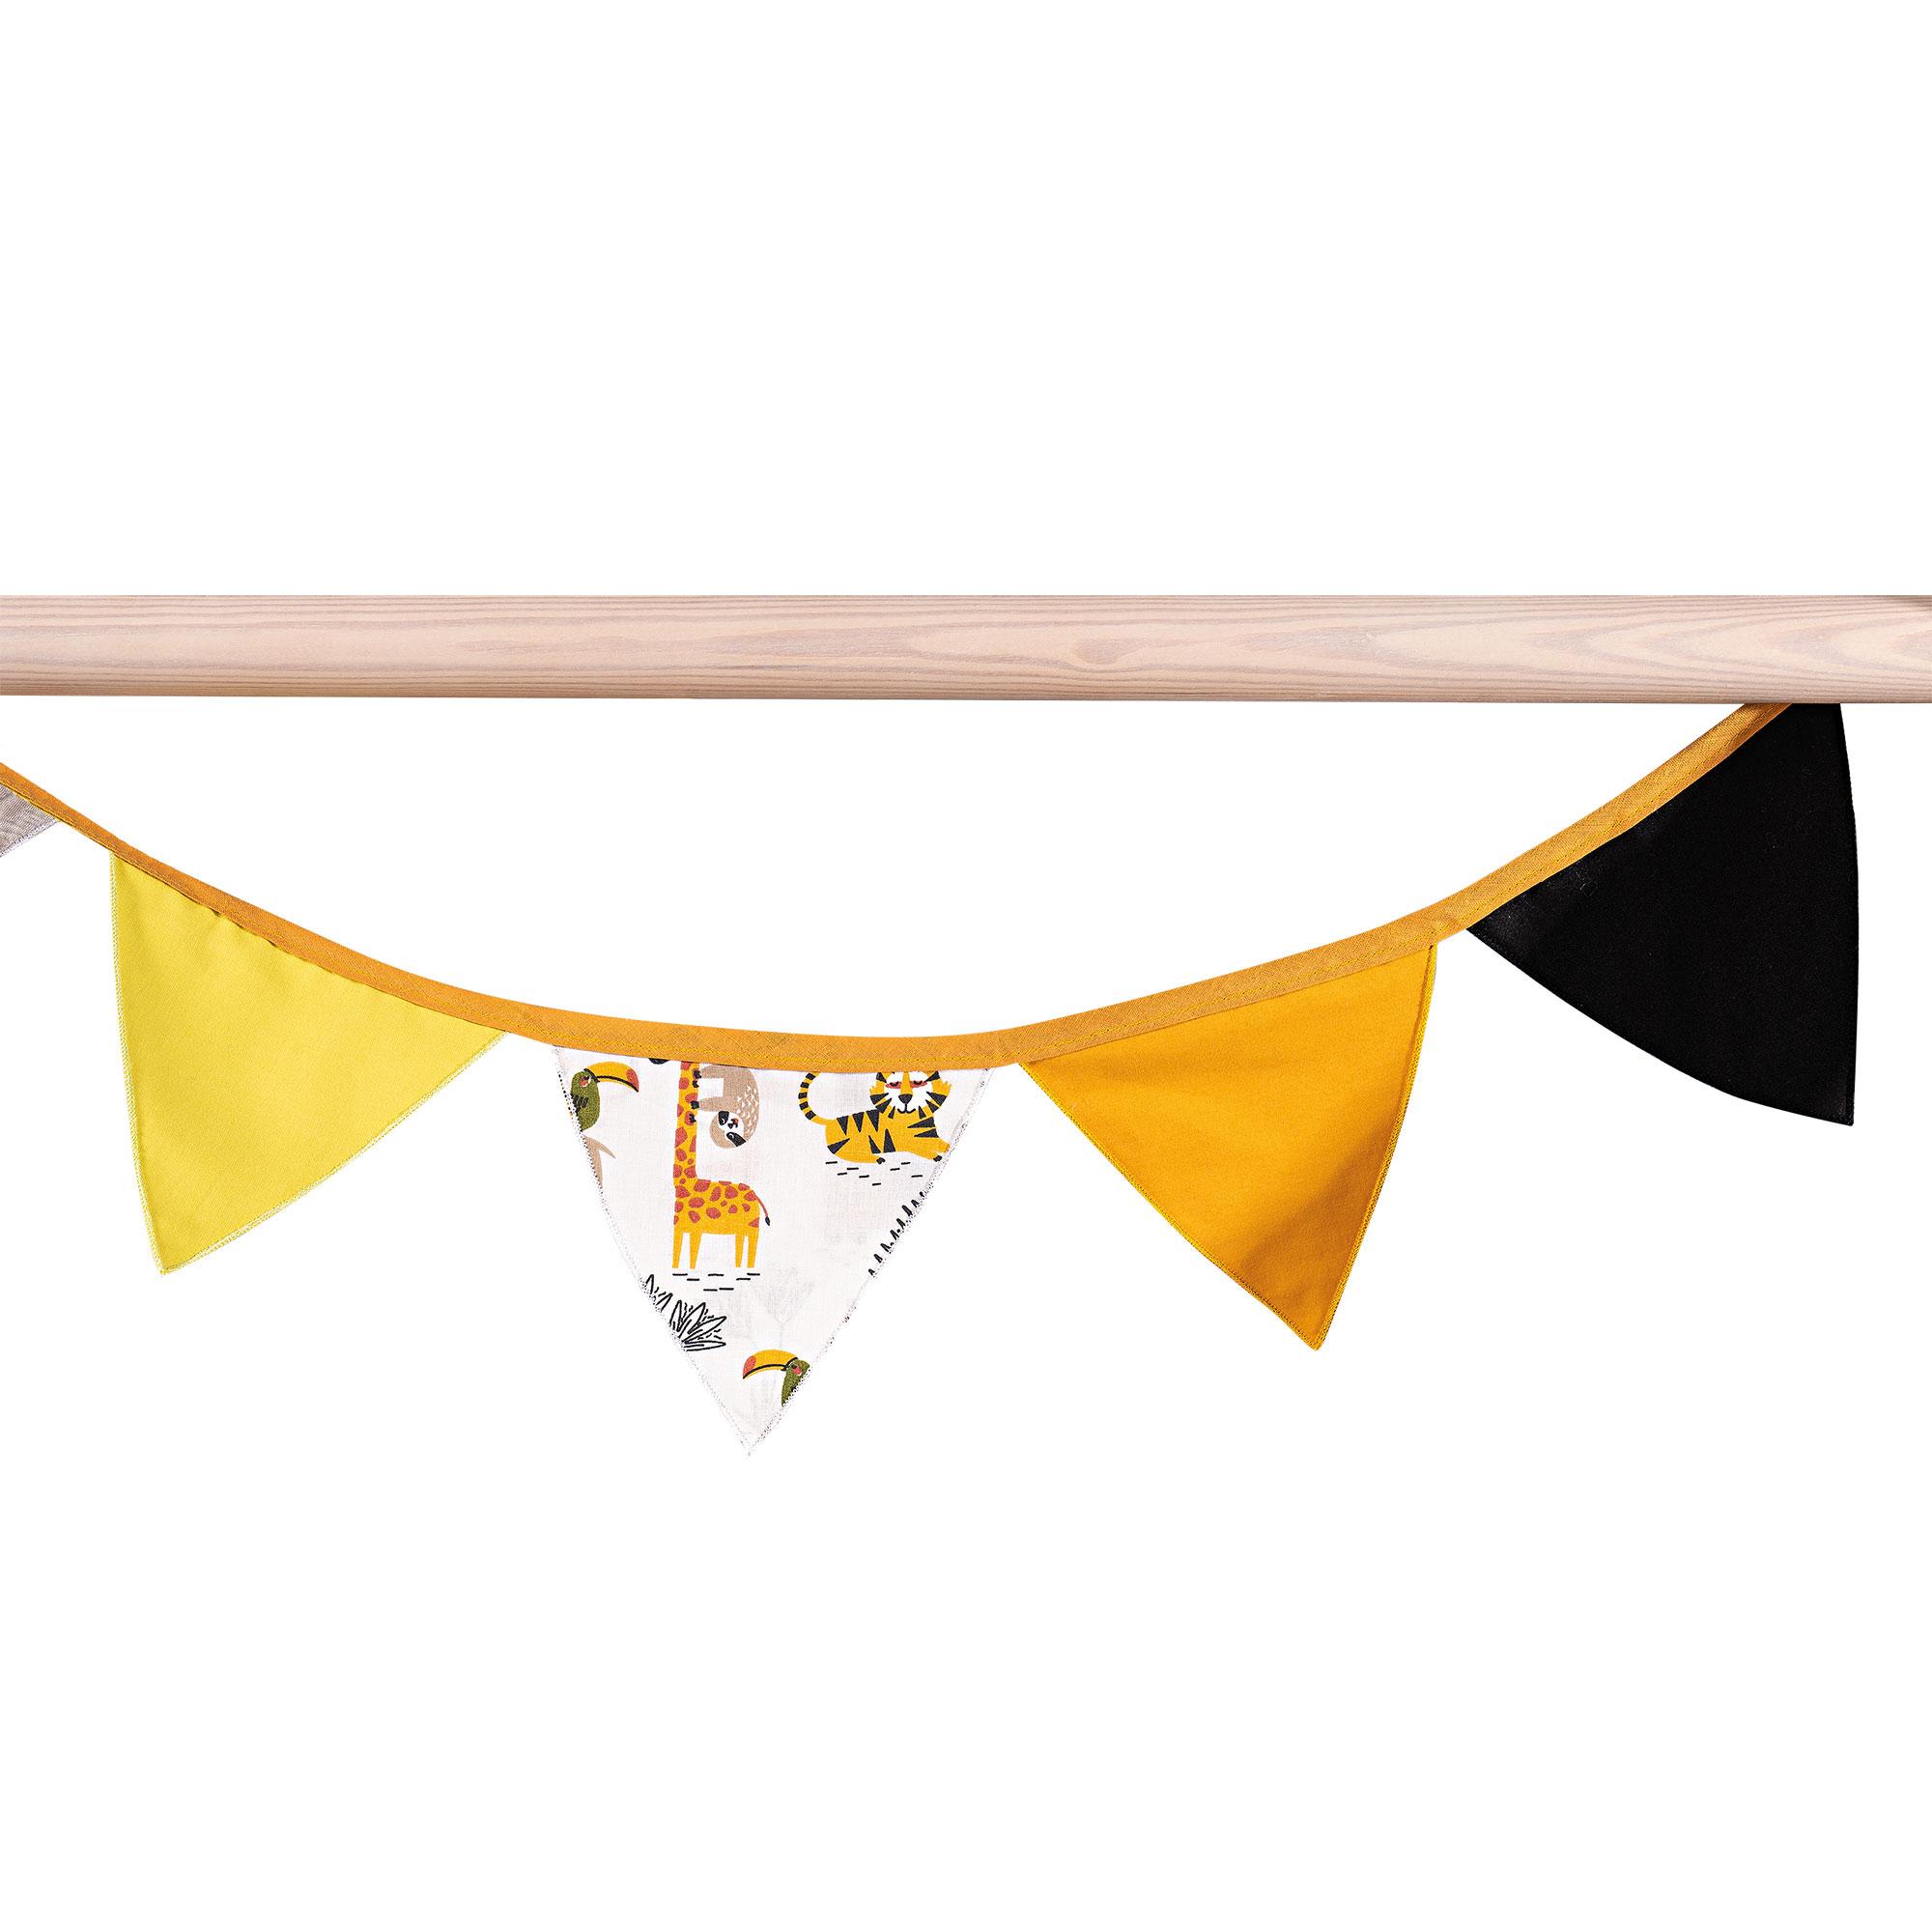 Bandierina decorativa per lettino a Casetta linea Junior by Picci